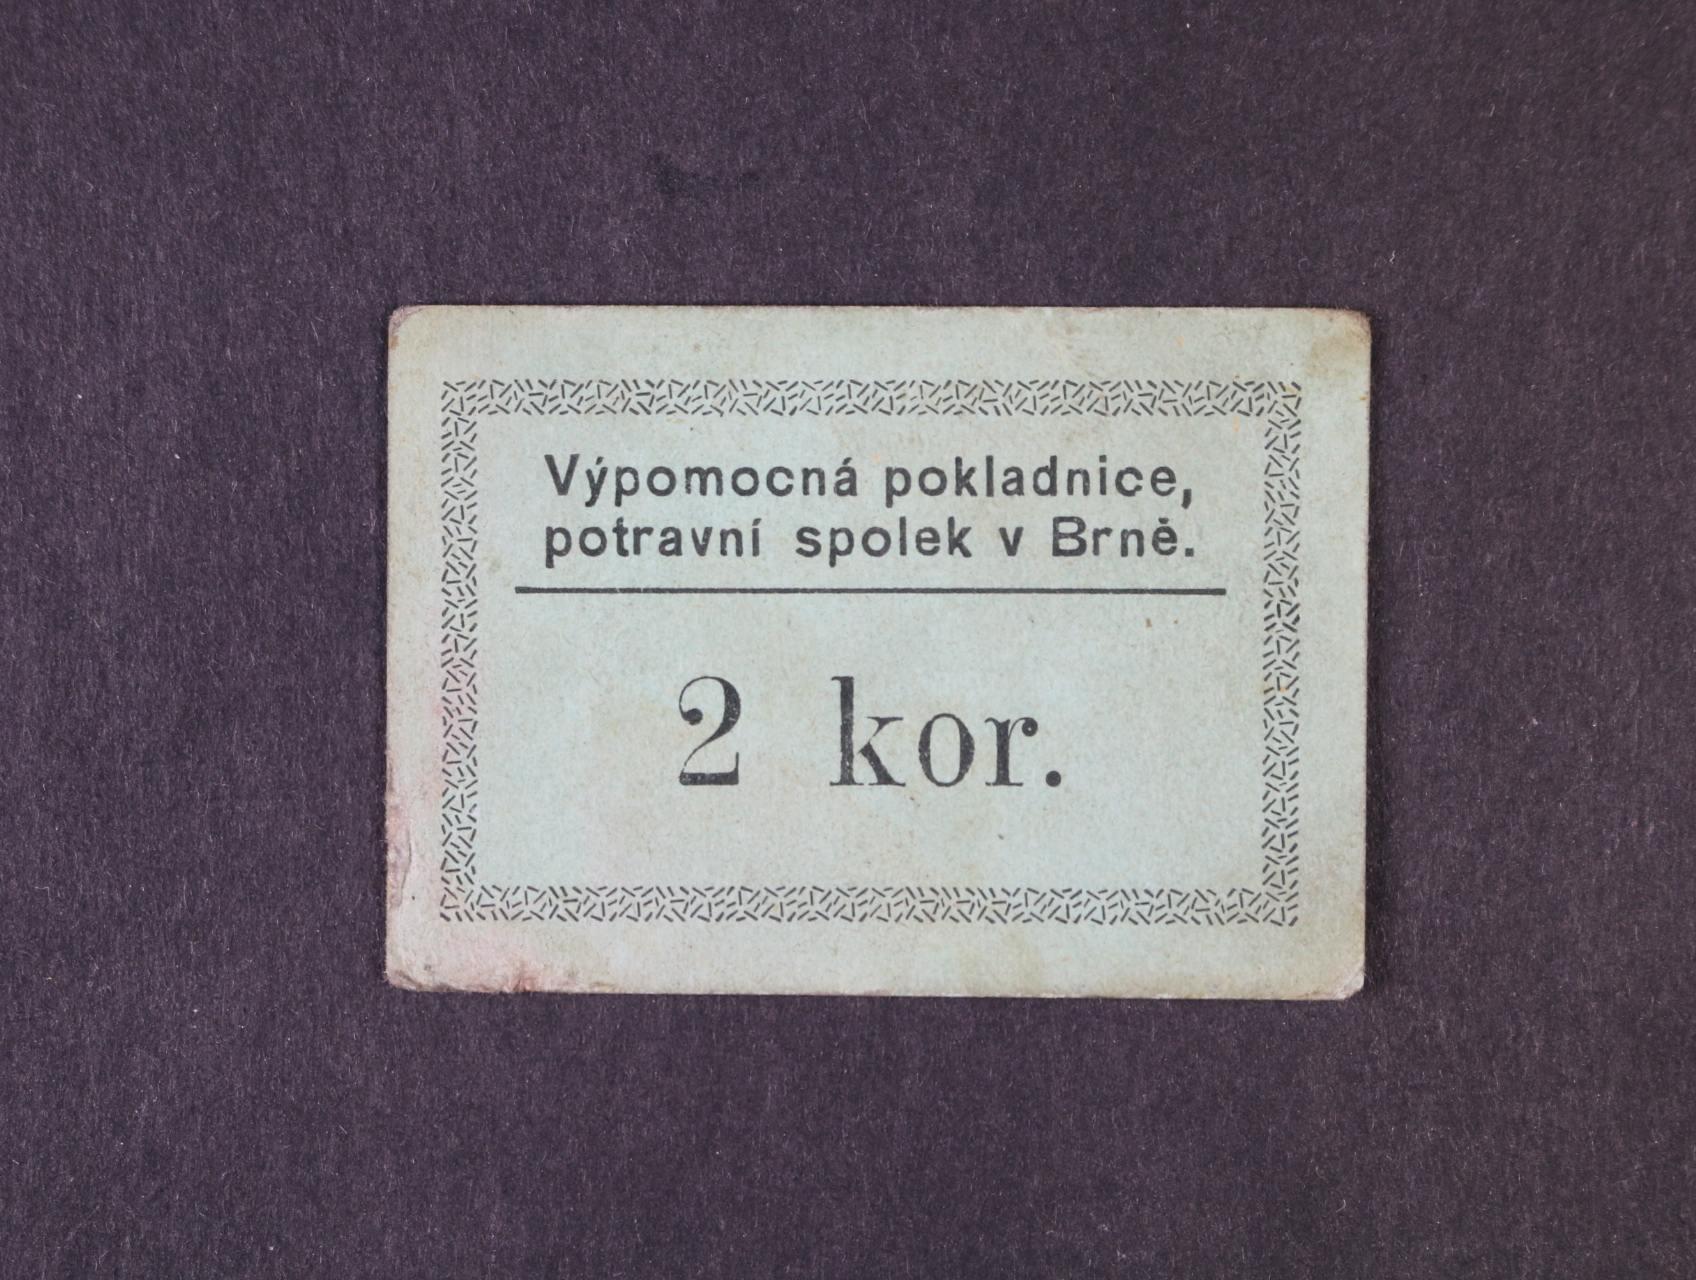 Brno, 2 K b.d. Výpomocná pokladnice, potravní spolek v Brně, na R oválné raz., D.H. 15.2